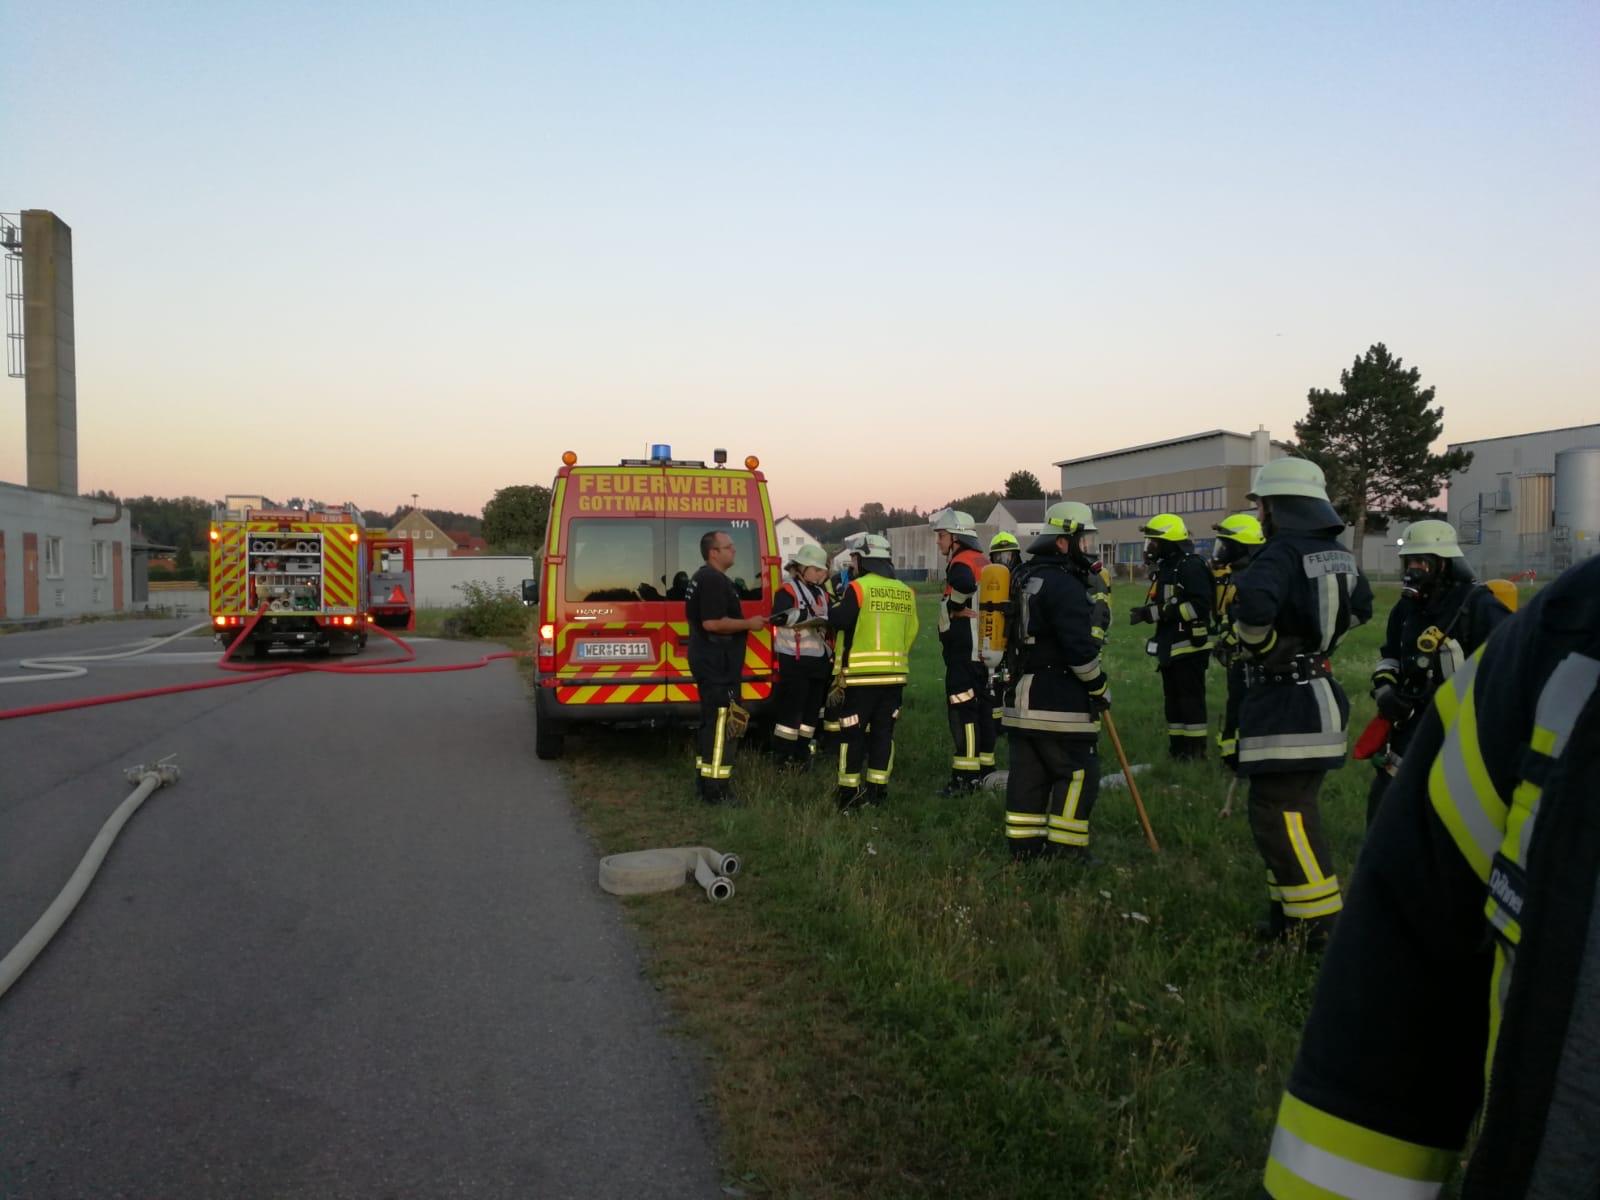 Atemschutz-Sammelstelle und Einsatzleitung am MZF der FF Gottmannshofen.